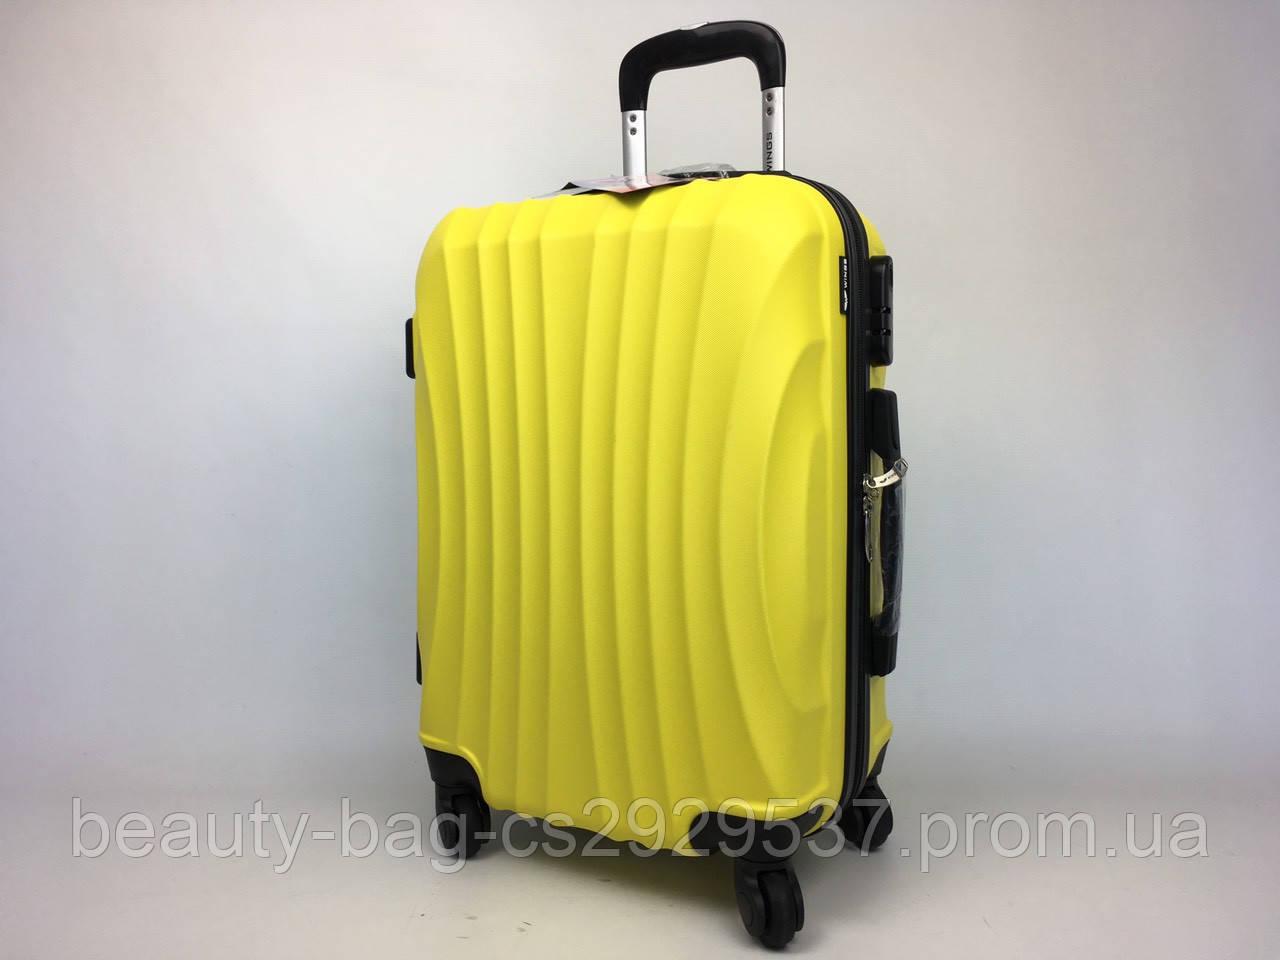 Чемодан пластиковый среднего размера Wings 159 Midi желтый